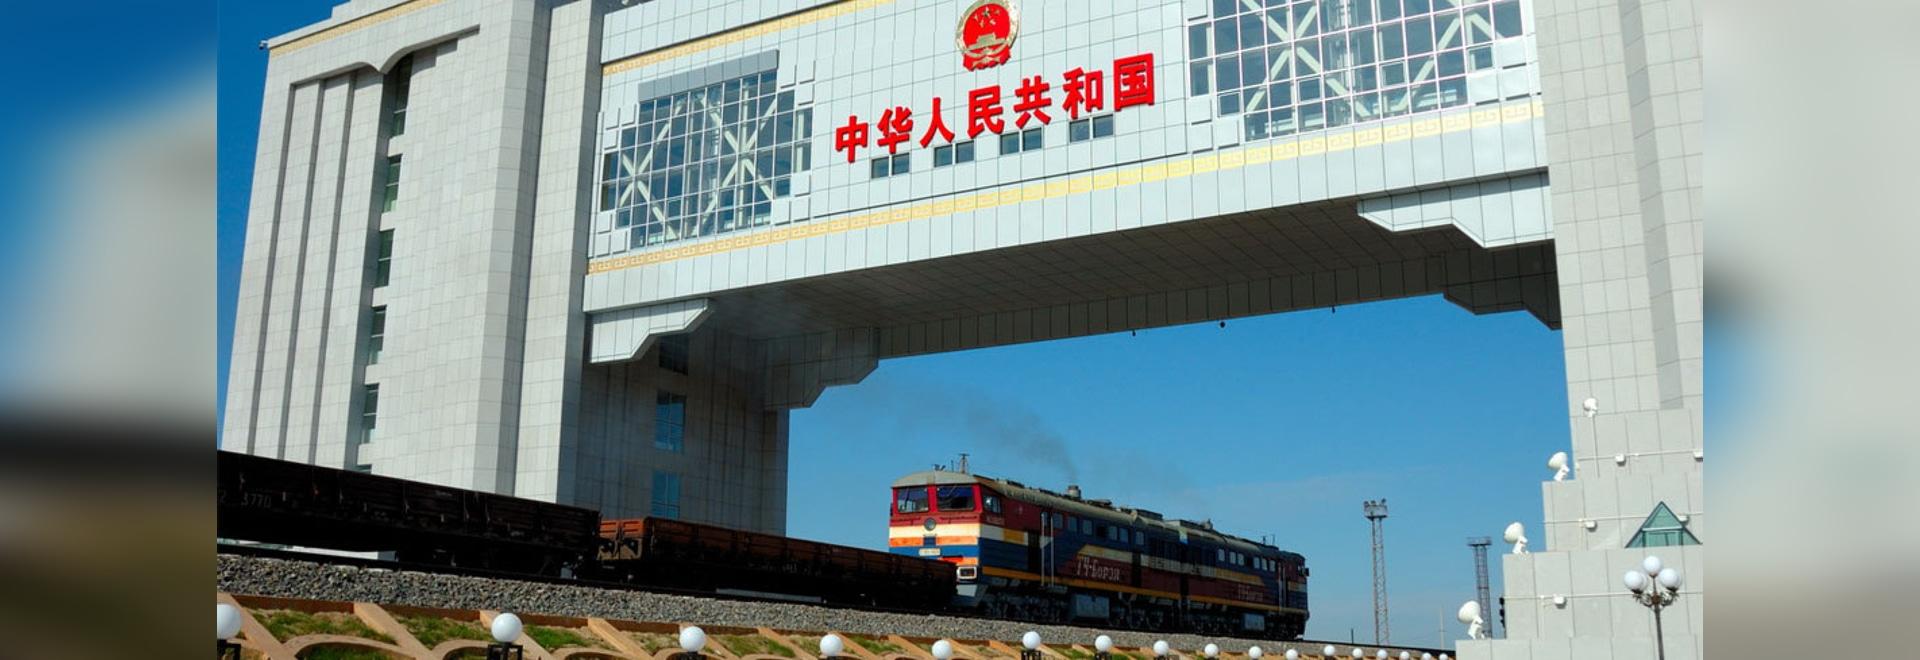 L'importation de charbon en provenance de la Russie a augmenté plus de 5 fois au plus grand port de la terre de la Chine